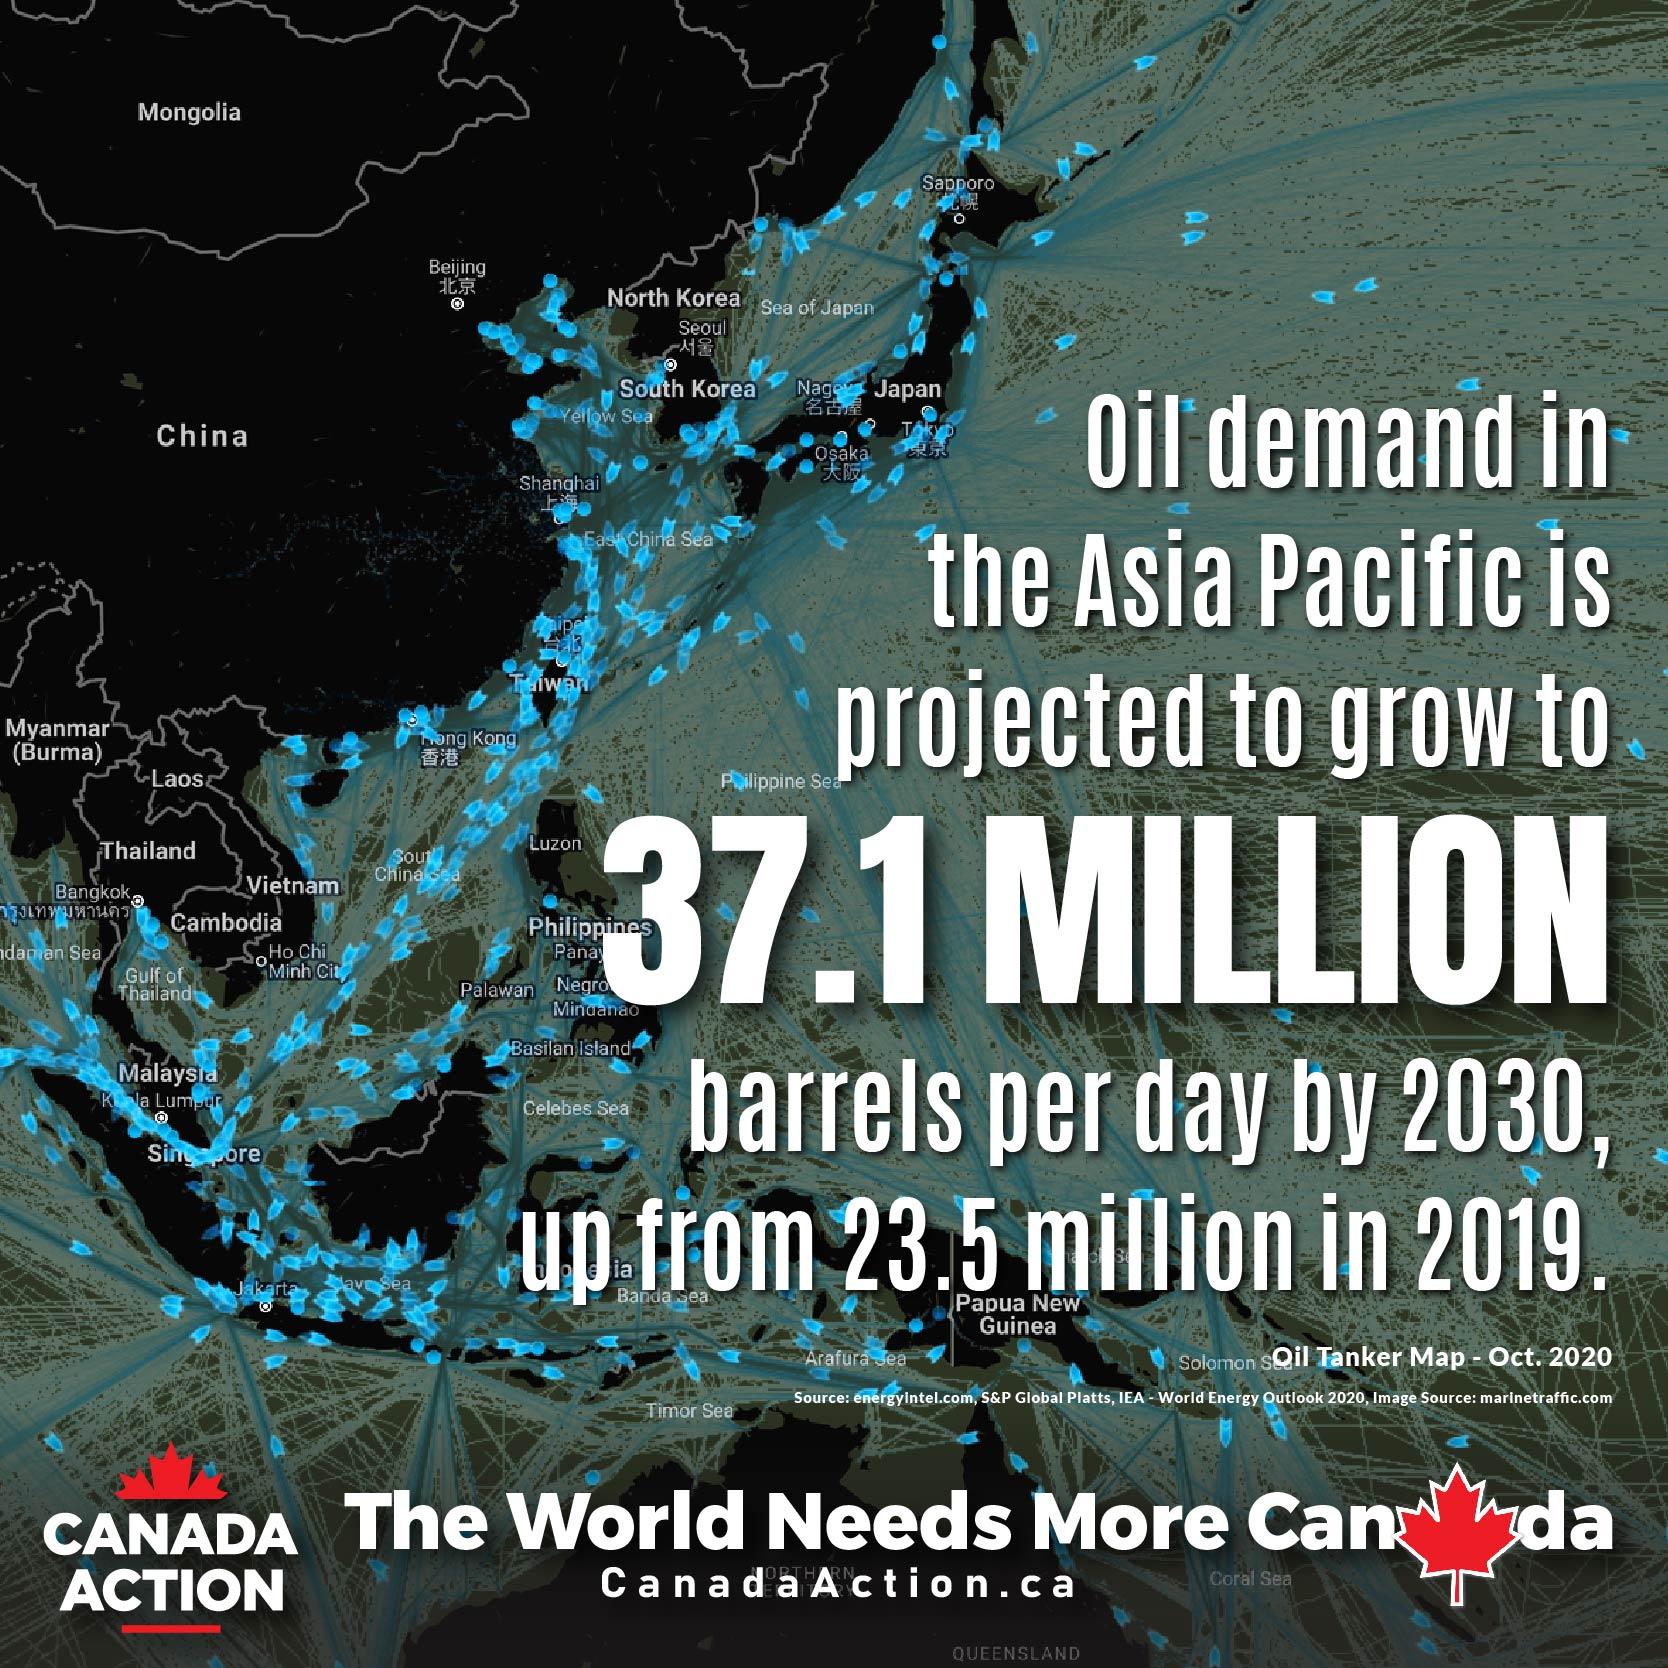 oil demand Asia Pacific region 2030